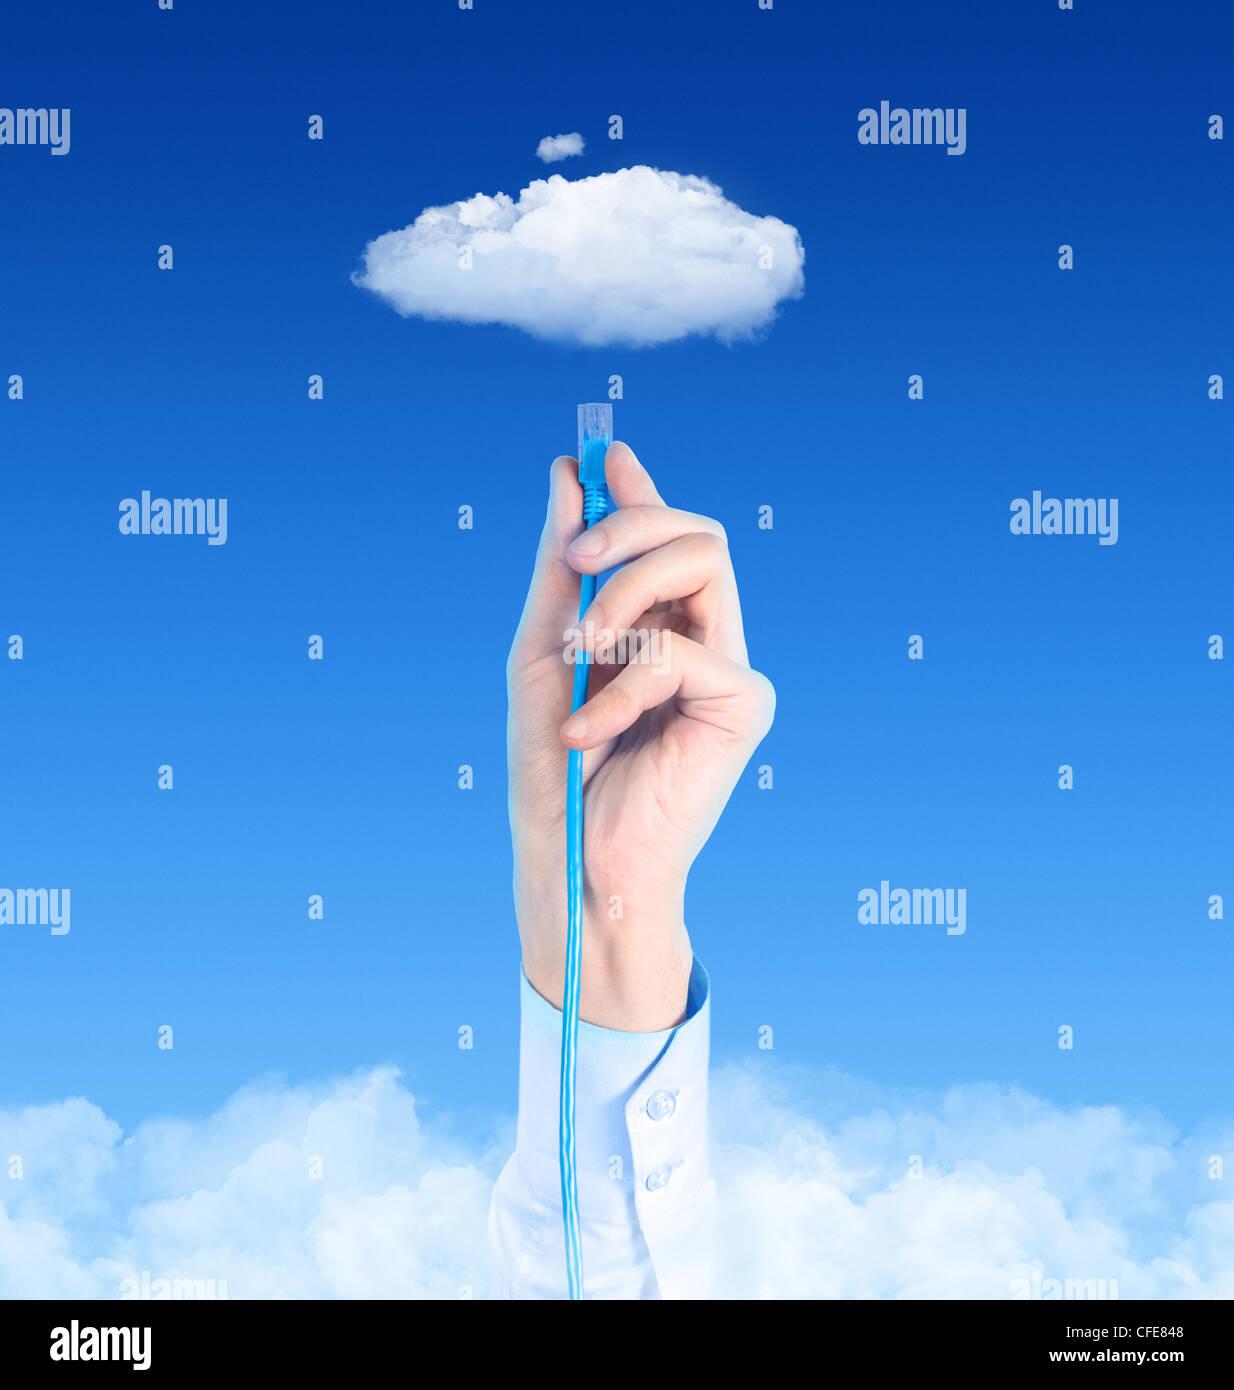 La main avec le câble connecté à l'internet. Image conceptuelle sur le thème du cloud computing. Banque D'Images